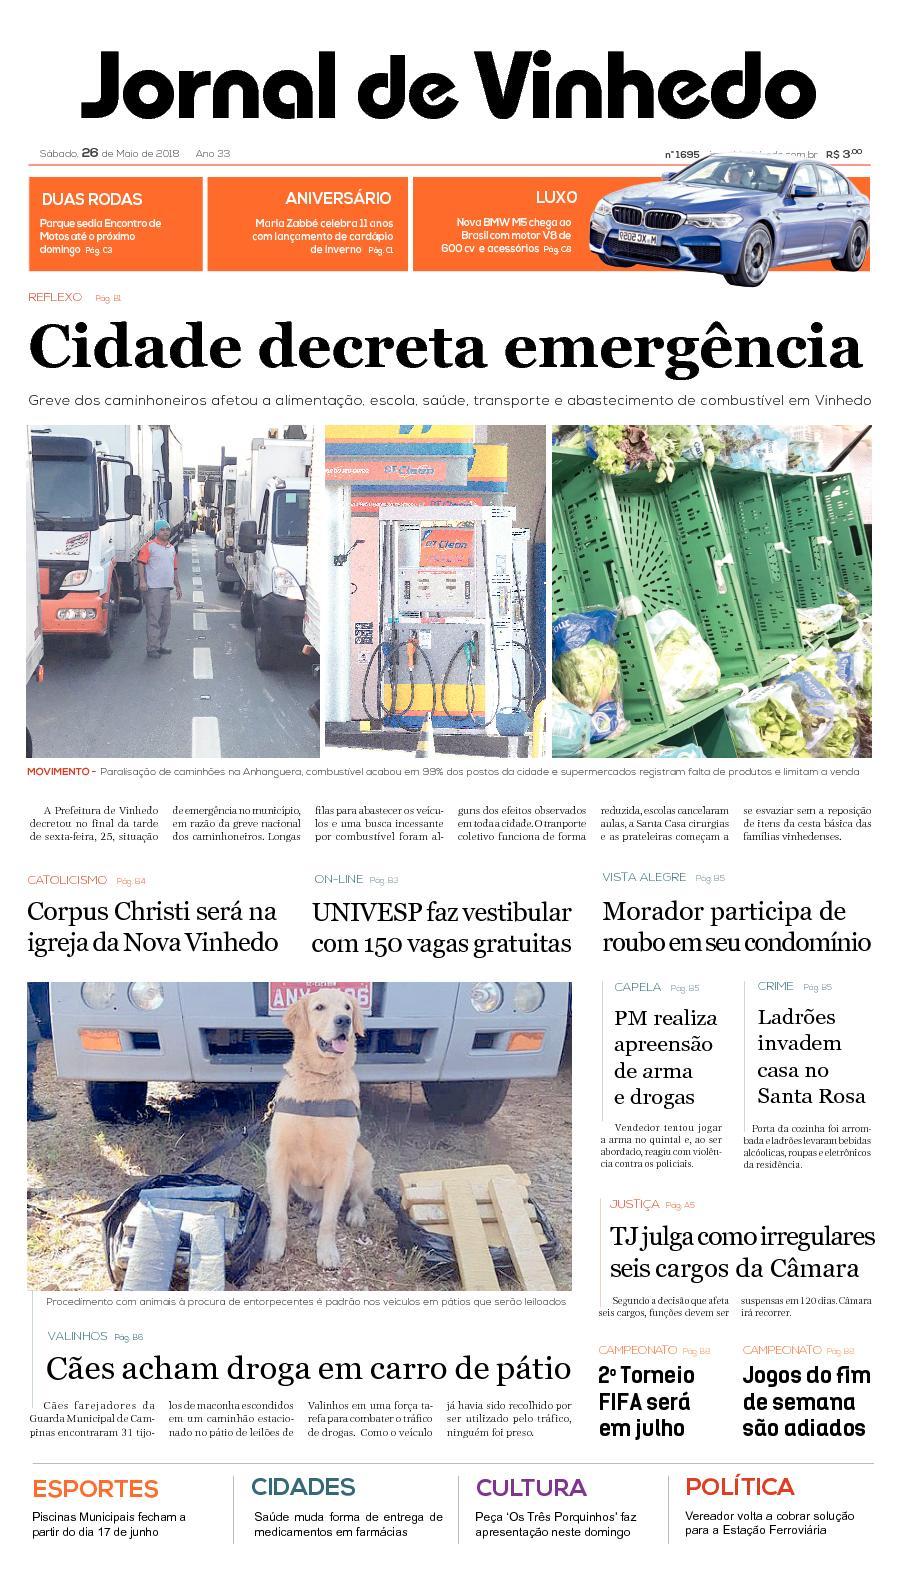 Calaméo - Jornal De Vinhedo Sabado 26 De Maio De 2018 Edic 1695 f9f0632d20